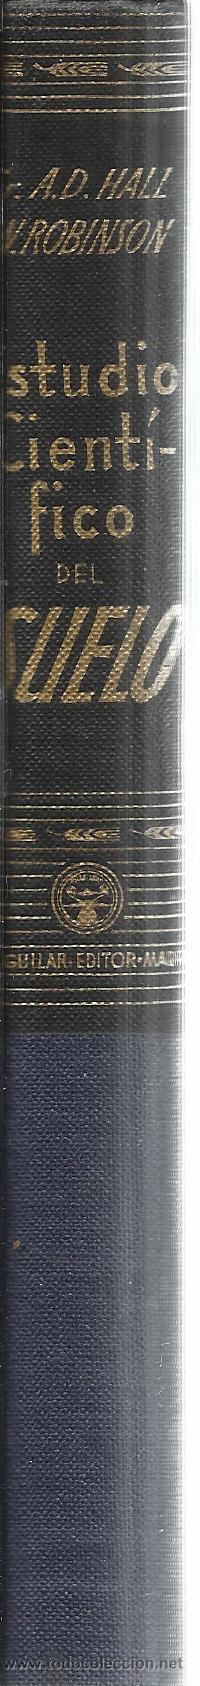 Libros de segunda mano: ESTUDIO CIENTÍFICO DEL SUELO. SIR A. D. HALL. AGUILAR EDICIONES. MADRID. 1950 - Foto 3 - 41501058